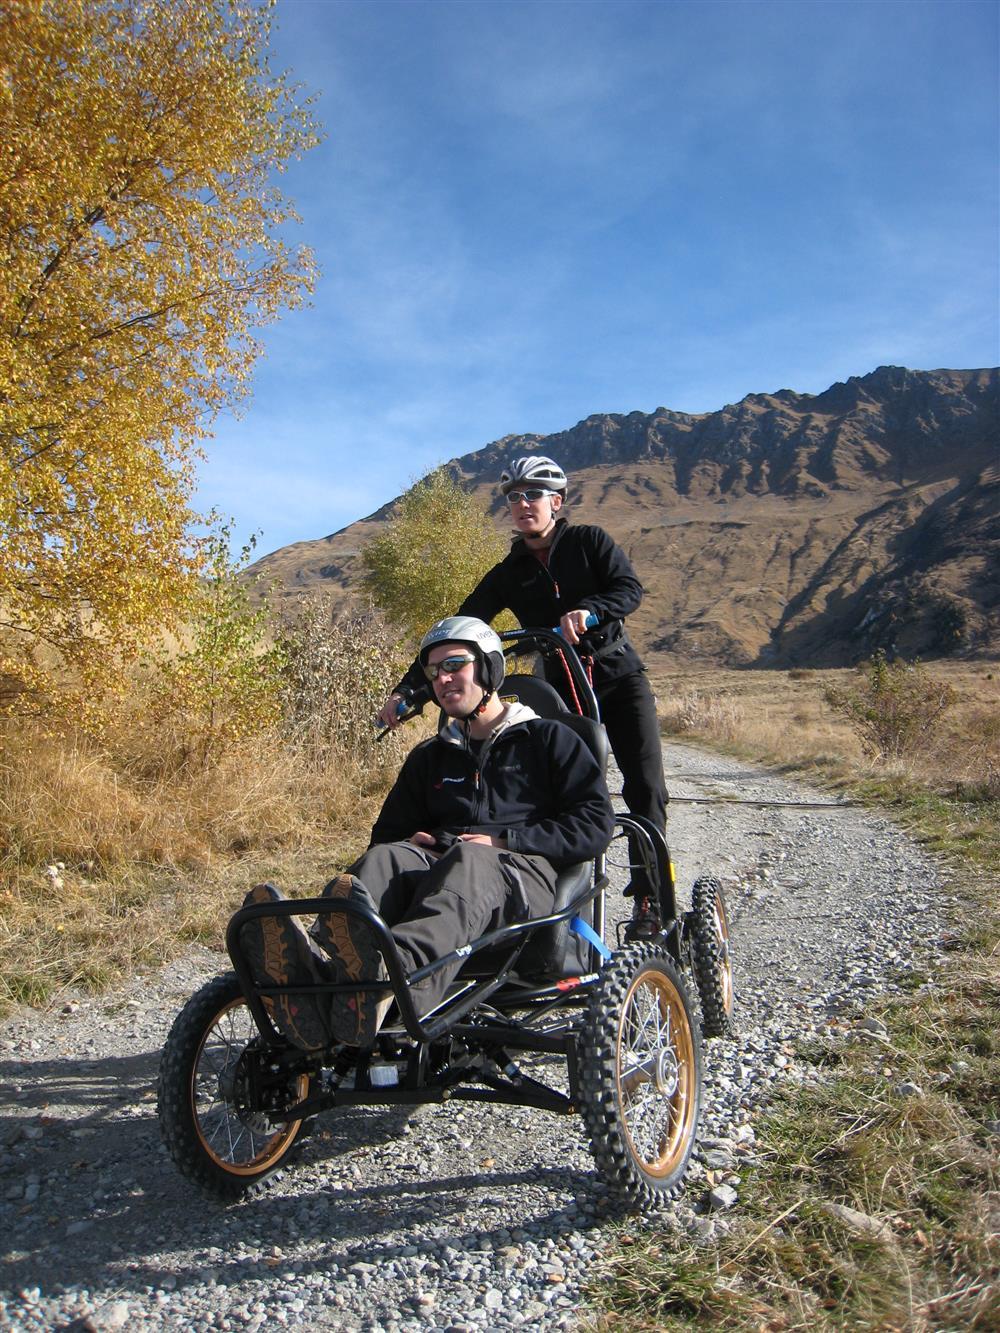 Wandelen voor mensen met beperkte mobiliteit- CIMGO © Office de Tourisme de Saint Sorlin d'Arves